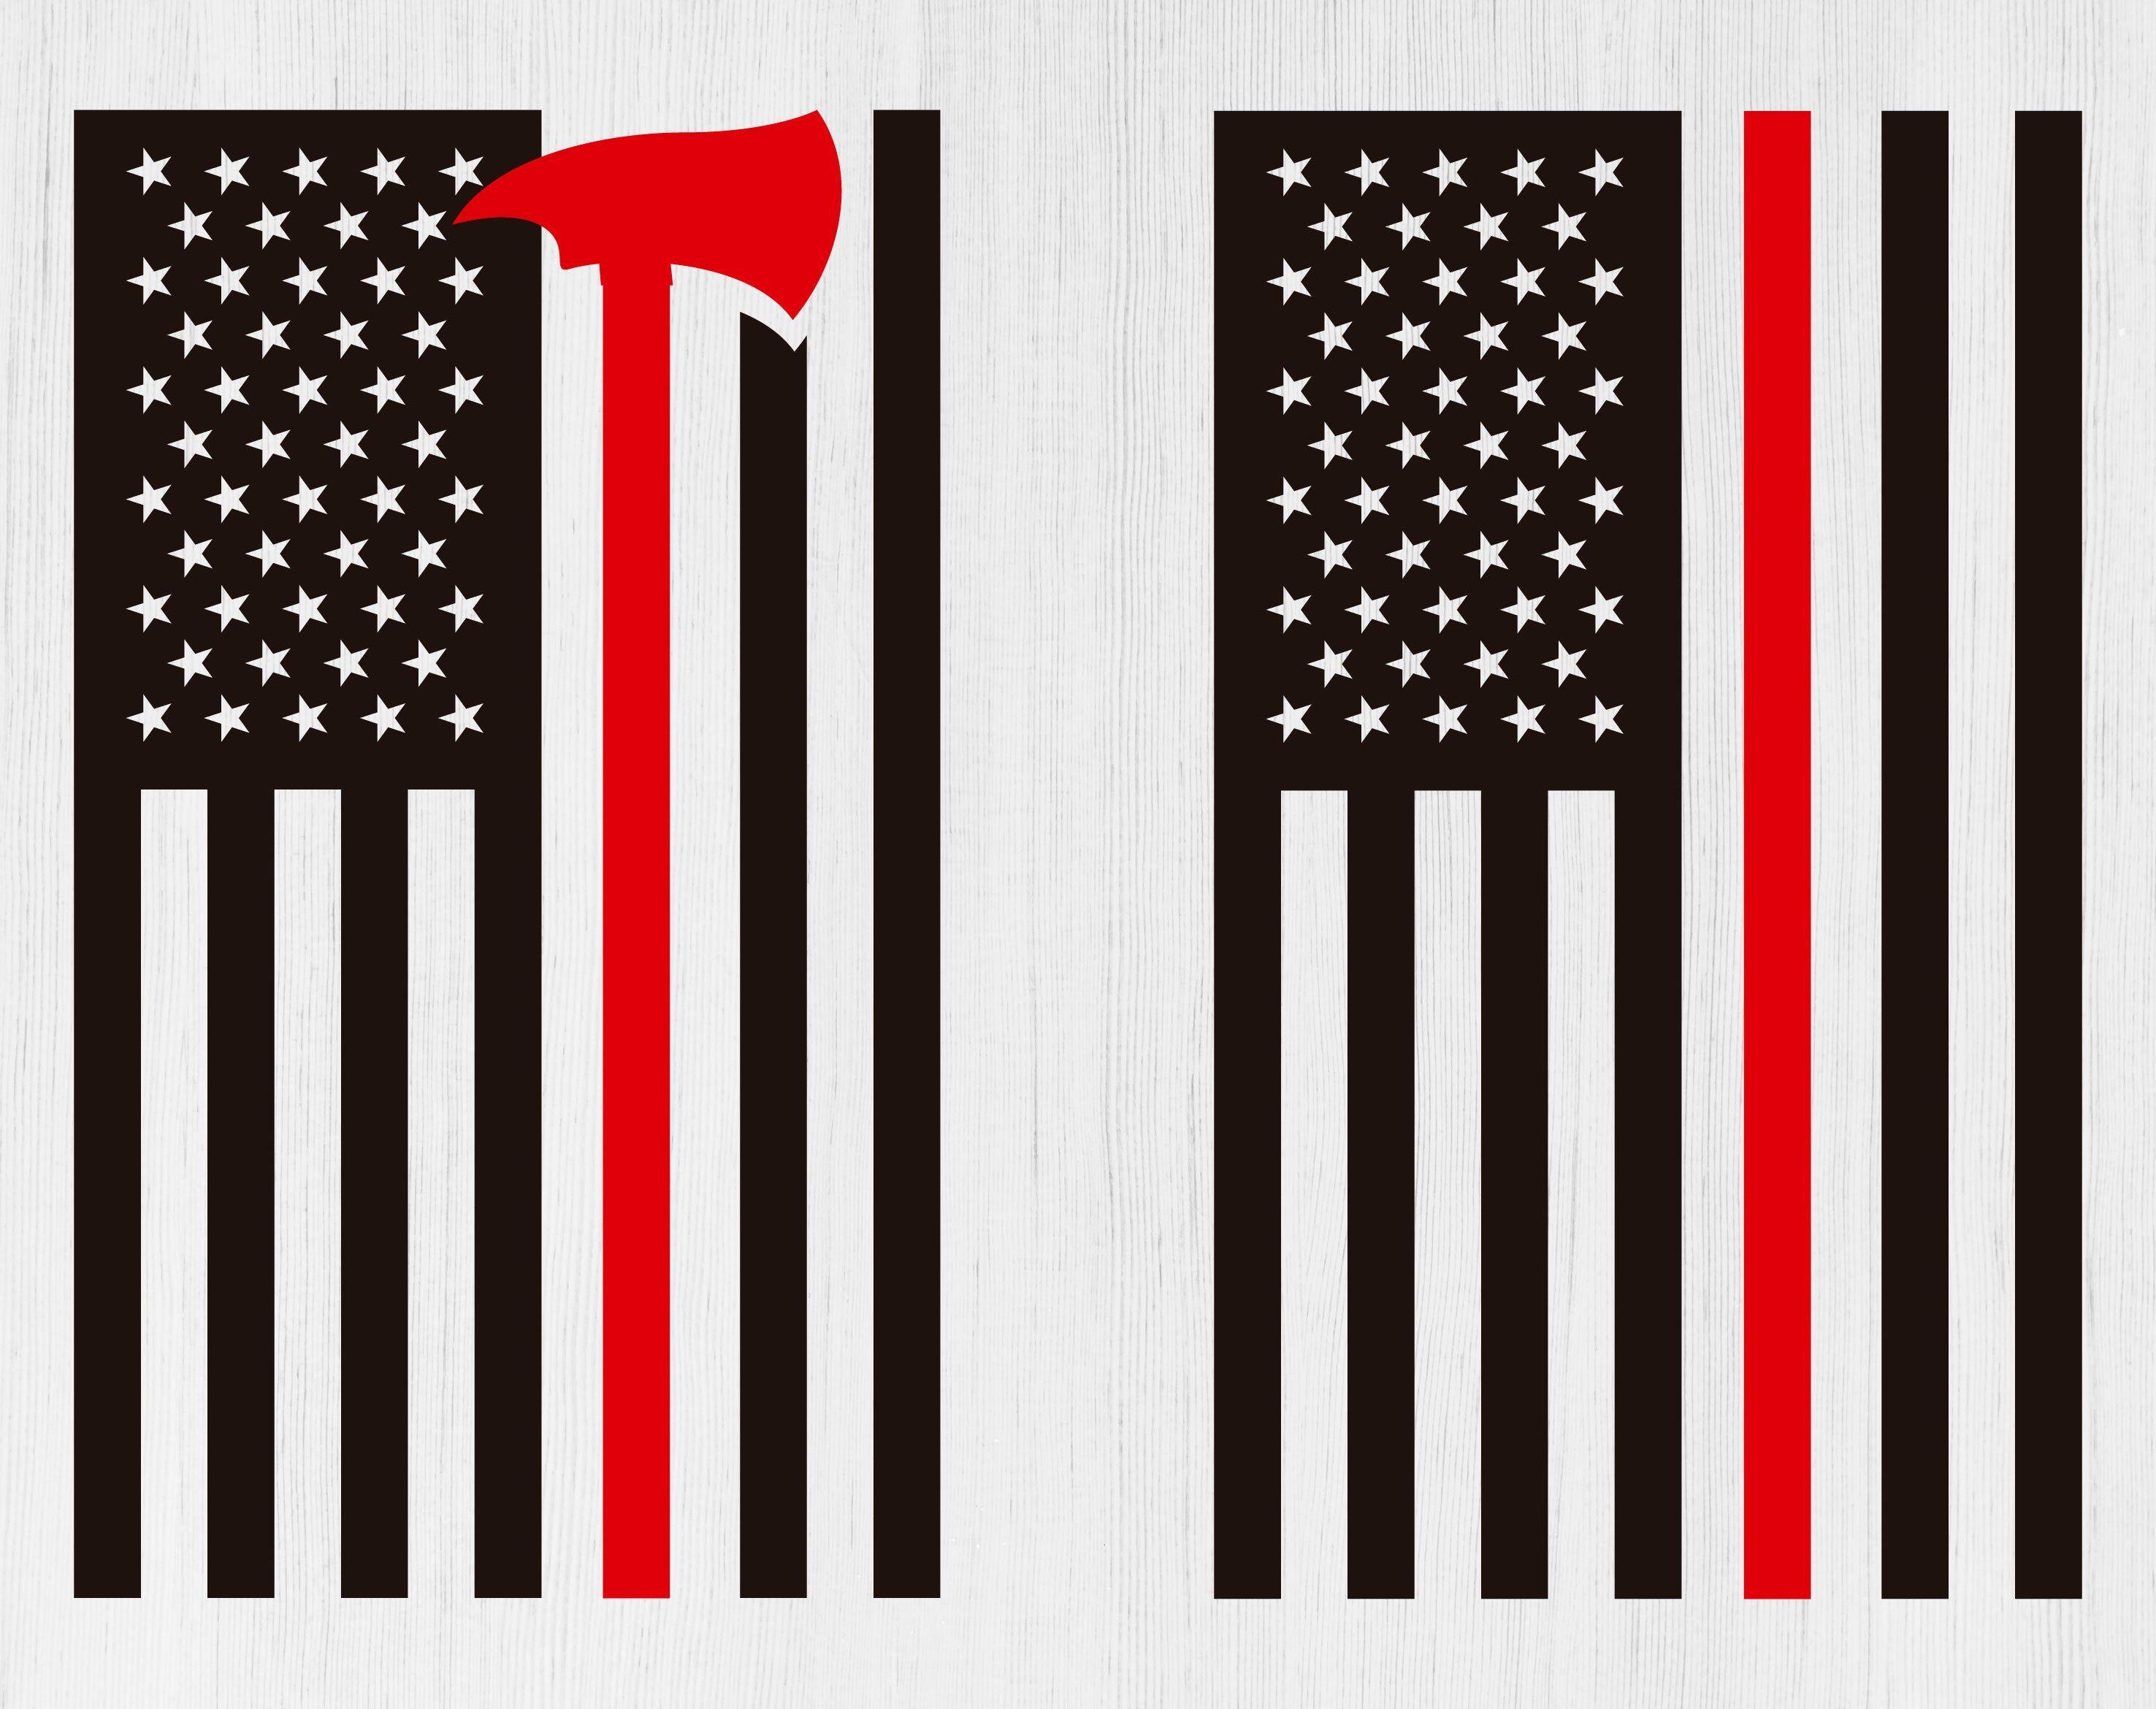 Fire Dept Red Line Svg Fire Dept Red Line American Flag Fvg Firefighter Svg Thin Red Line Svg Fire Department Svg Fireman Wife Svg Fireman Svg Thin Red Line Flag Custom